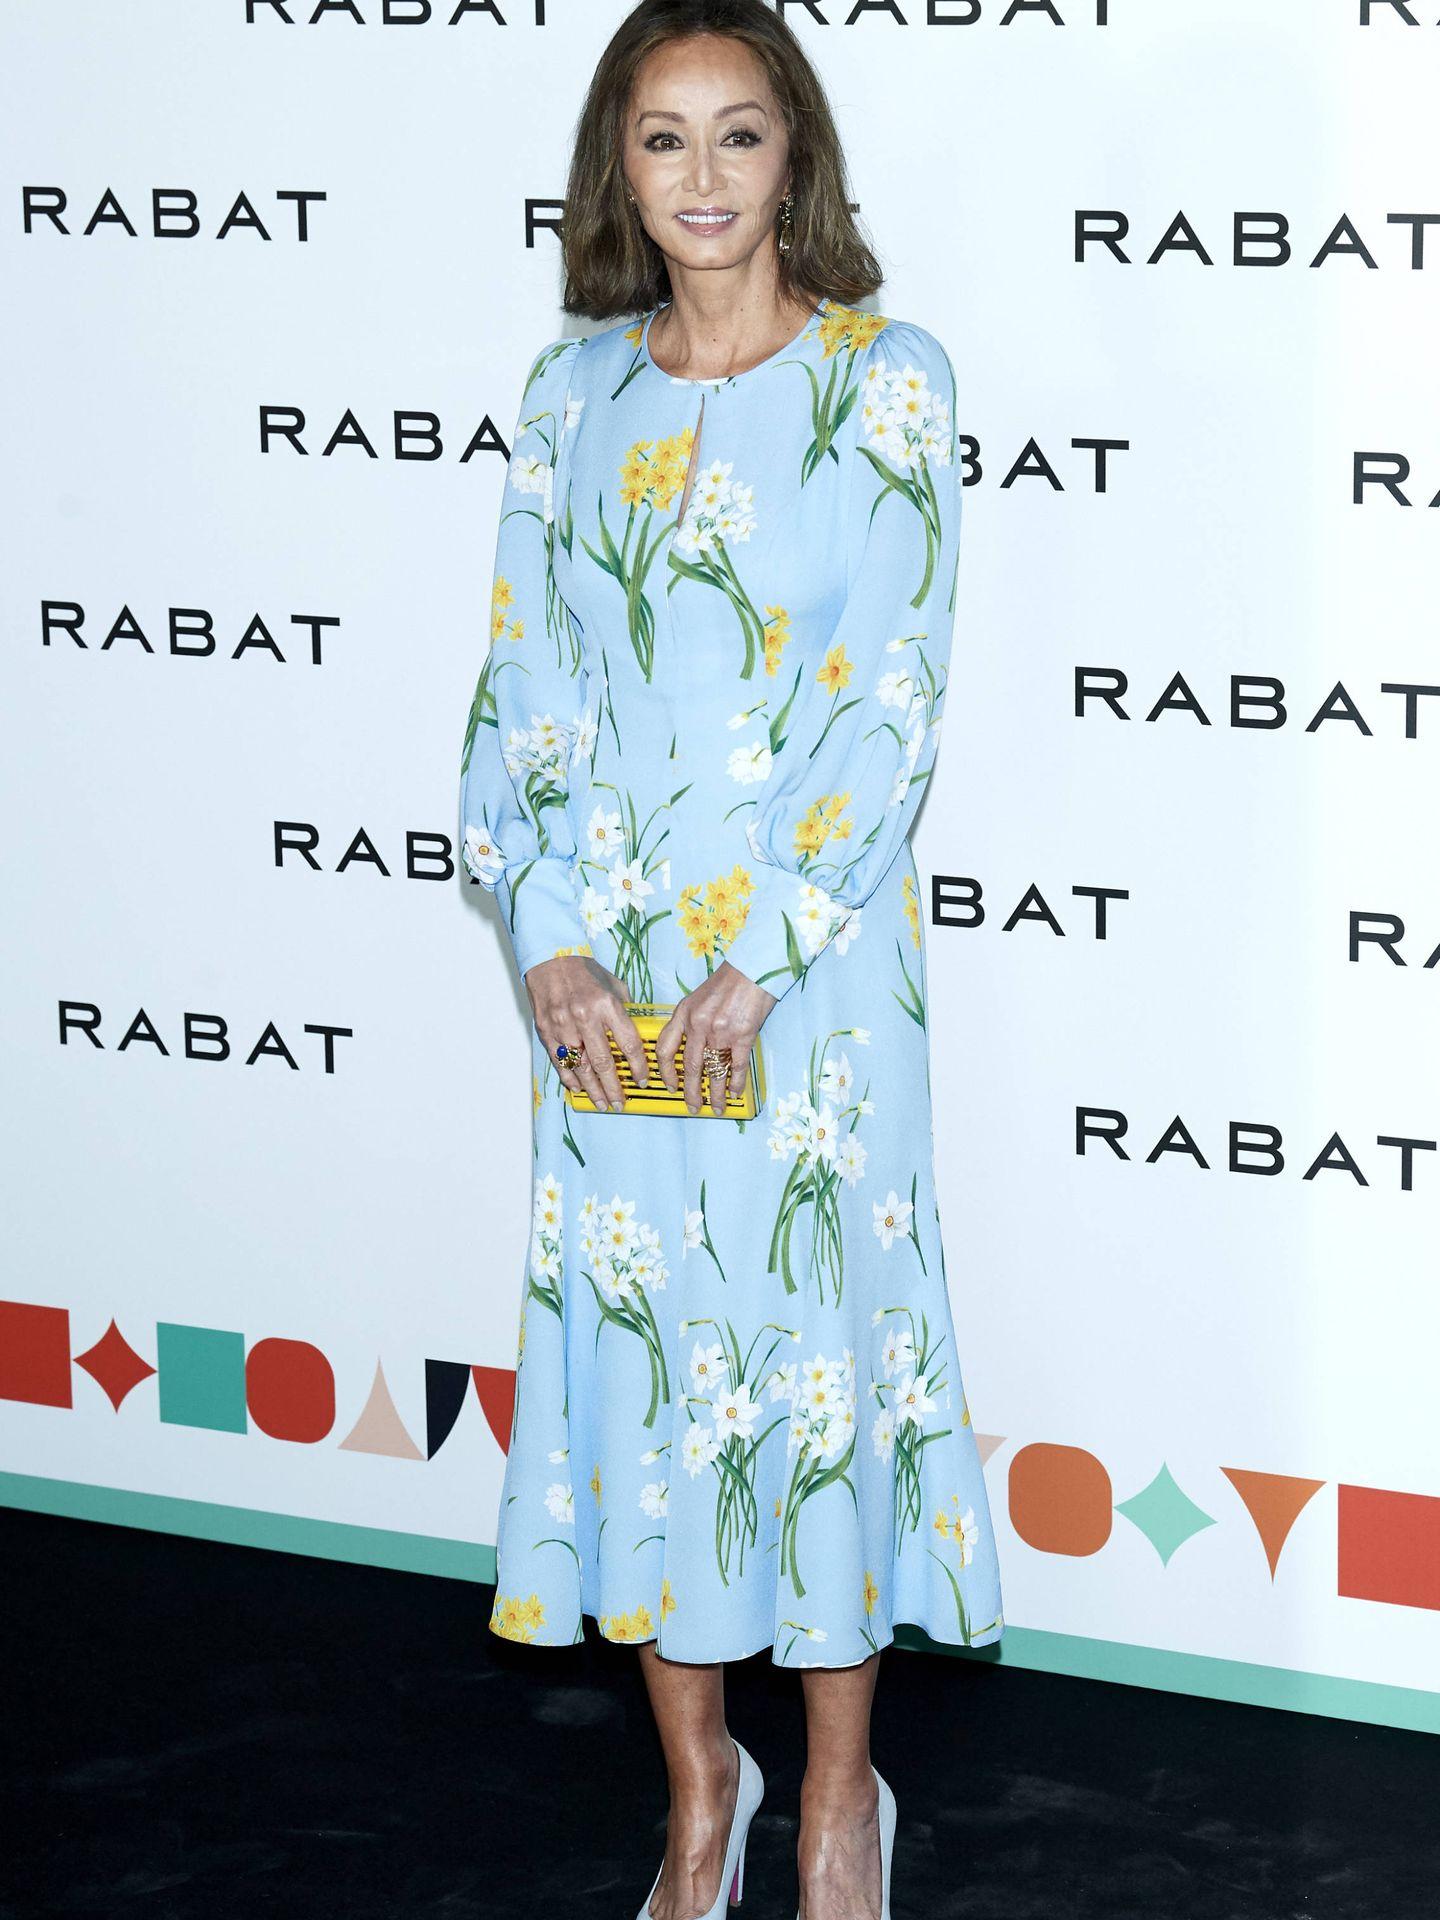 Isabel, en la presentación de la colección de Rabat.